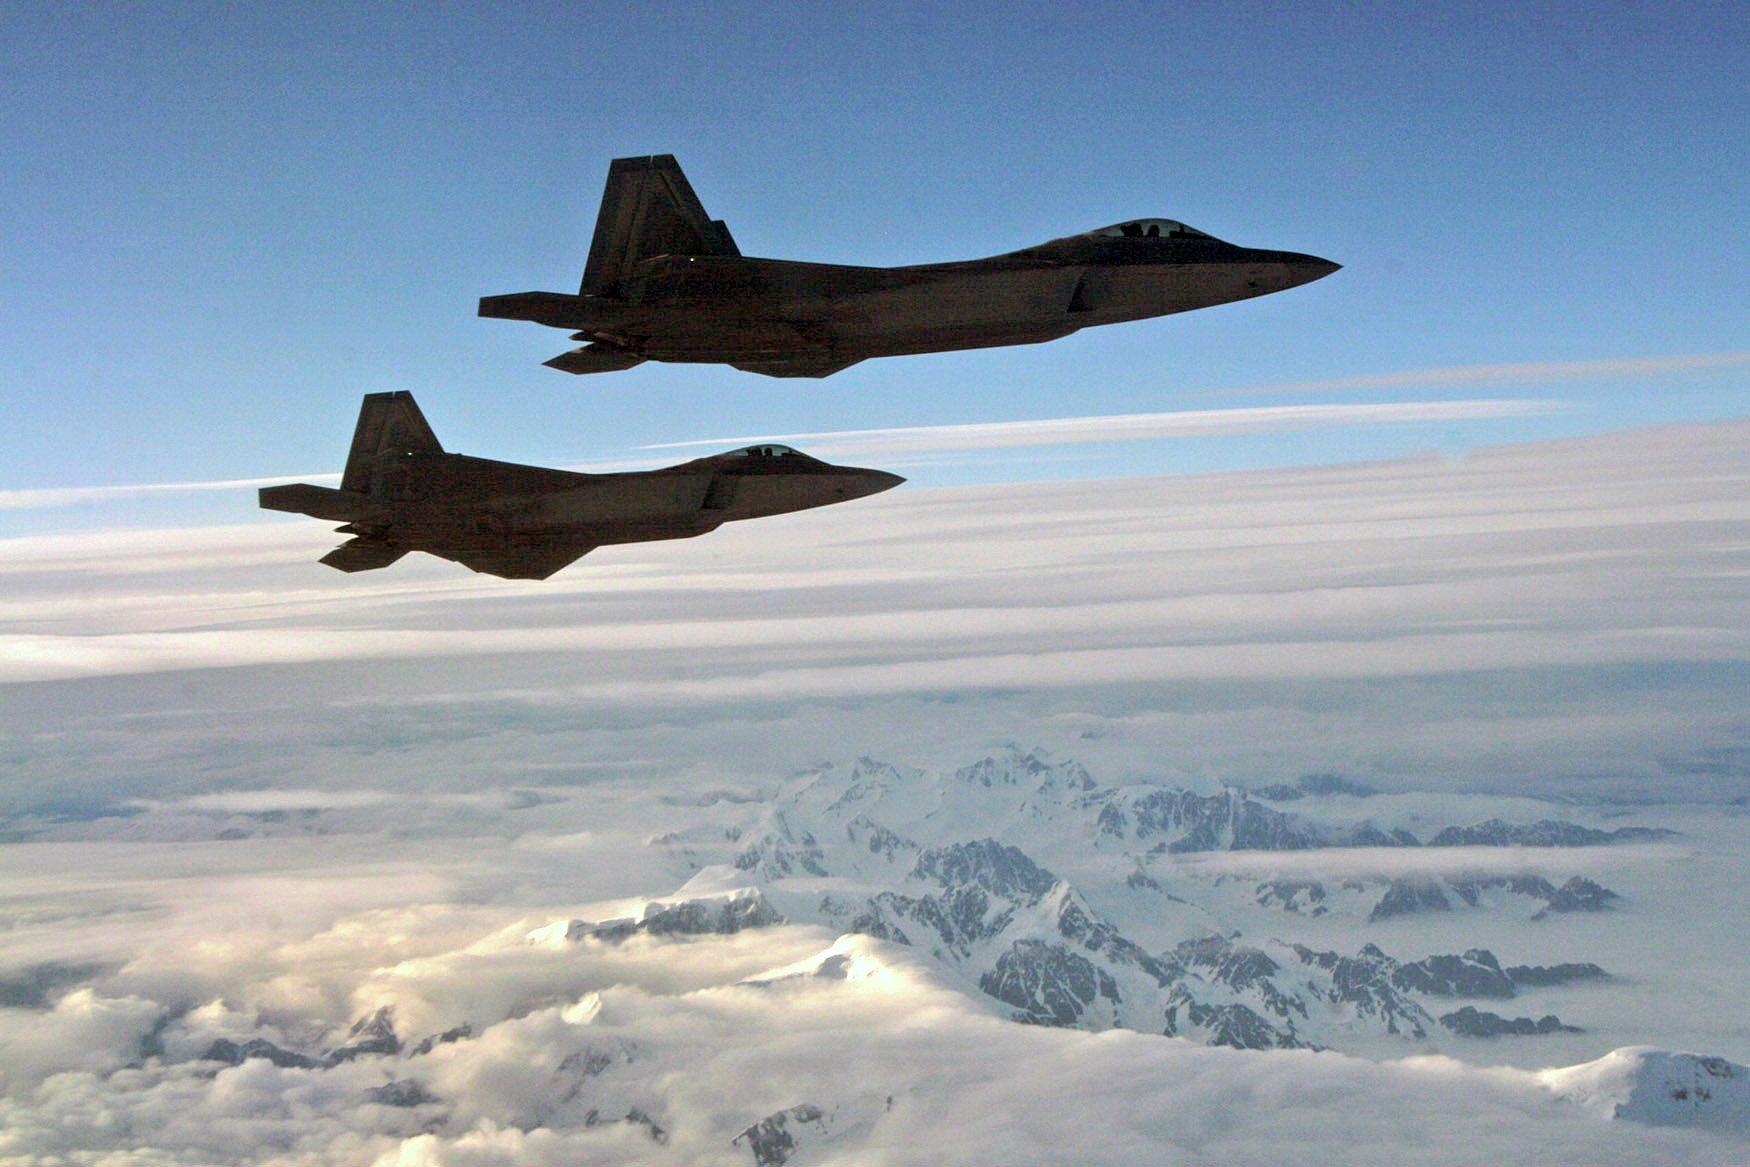 4月8日,北美空防司令部(NORAD)派出F-22隱形戰鬥機,在阿拉斯加空域攔截兩架俄羅斯巡邏機。圖為F-22。(U.S. Army photo by Maj. Mike Humphreys)